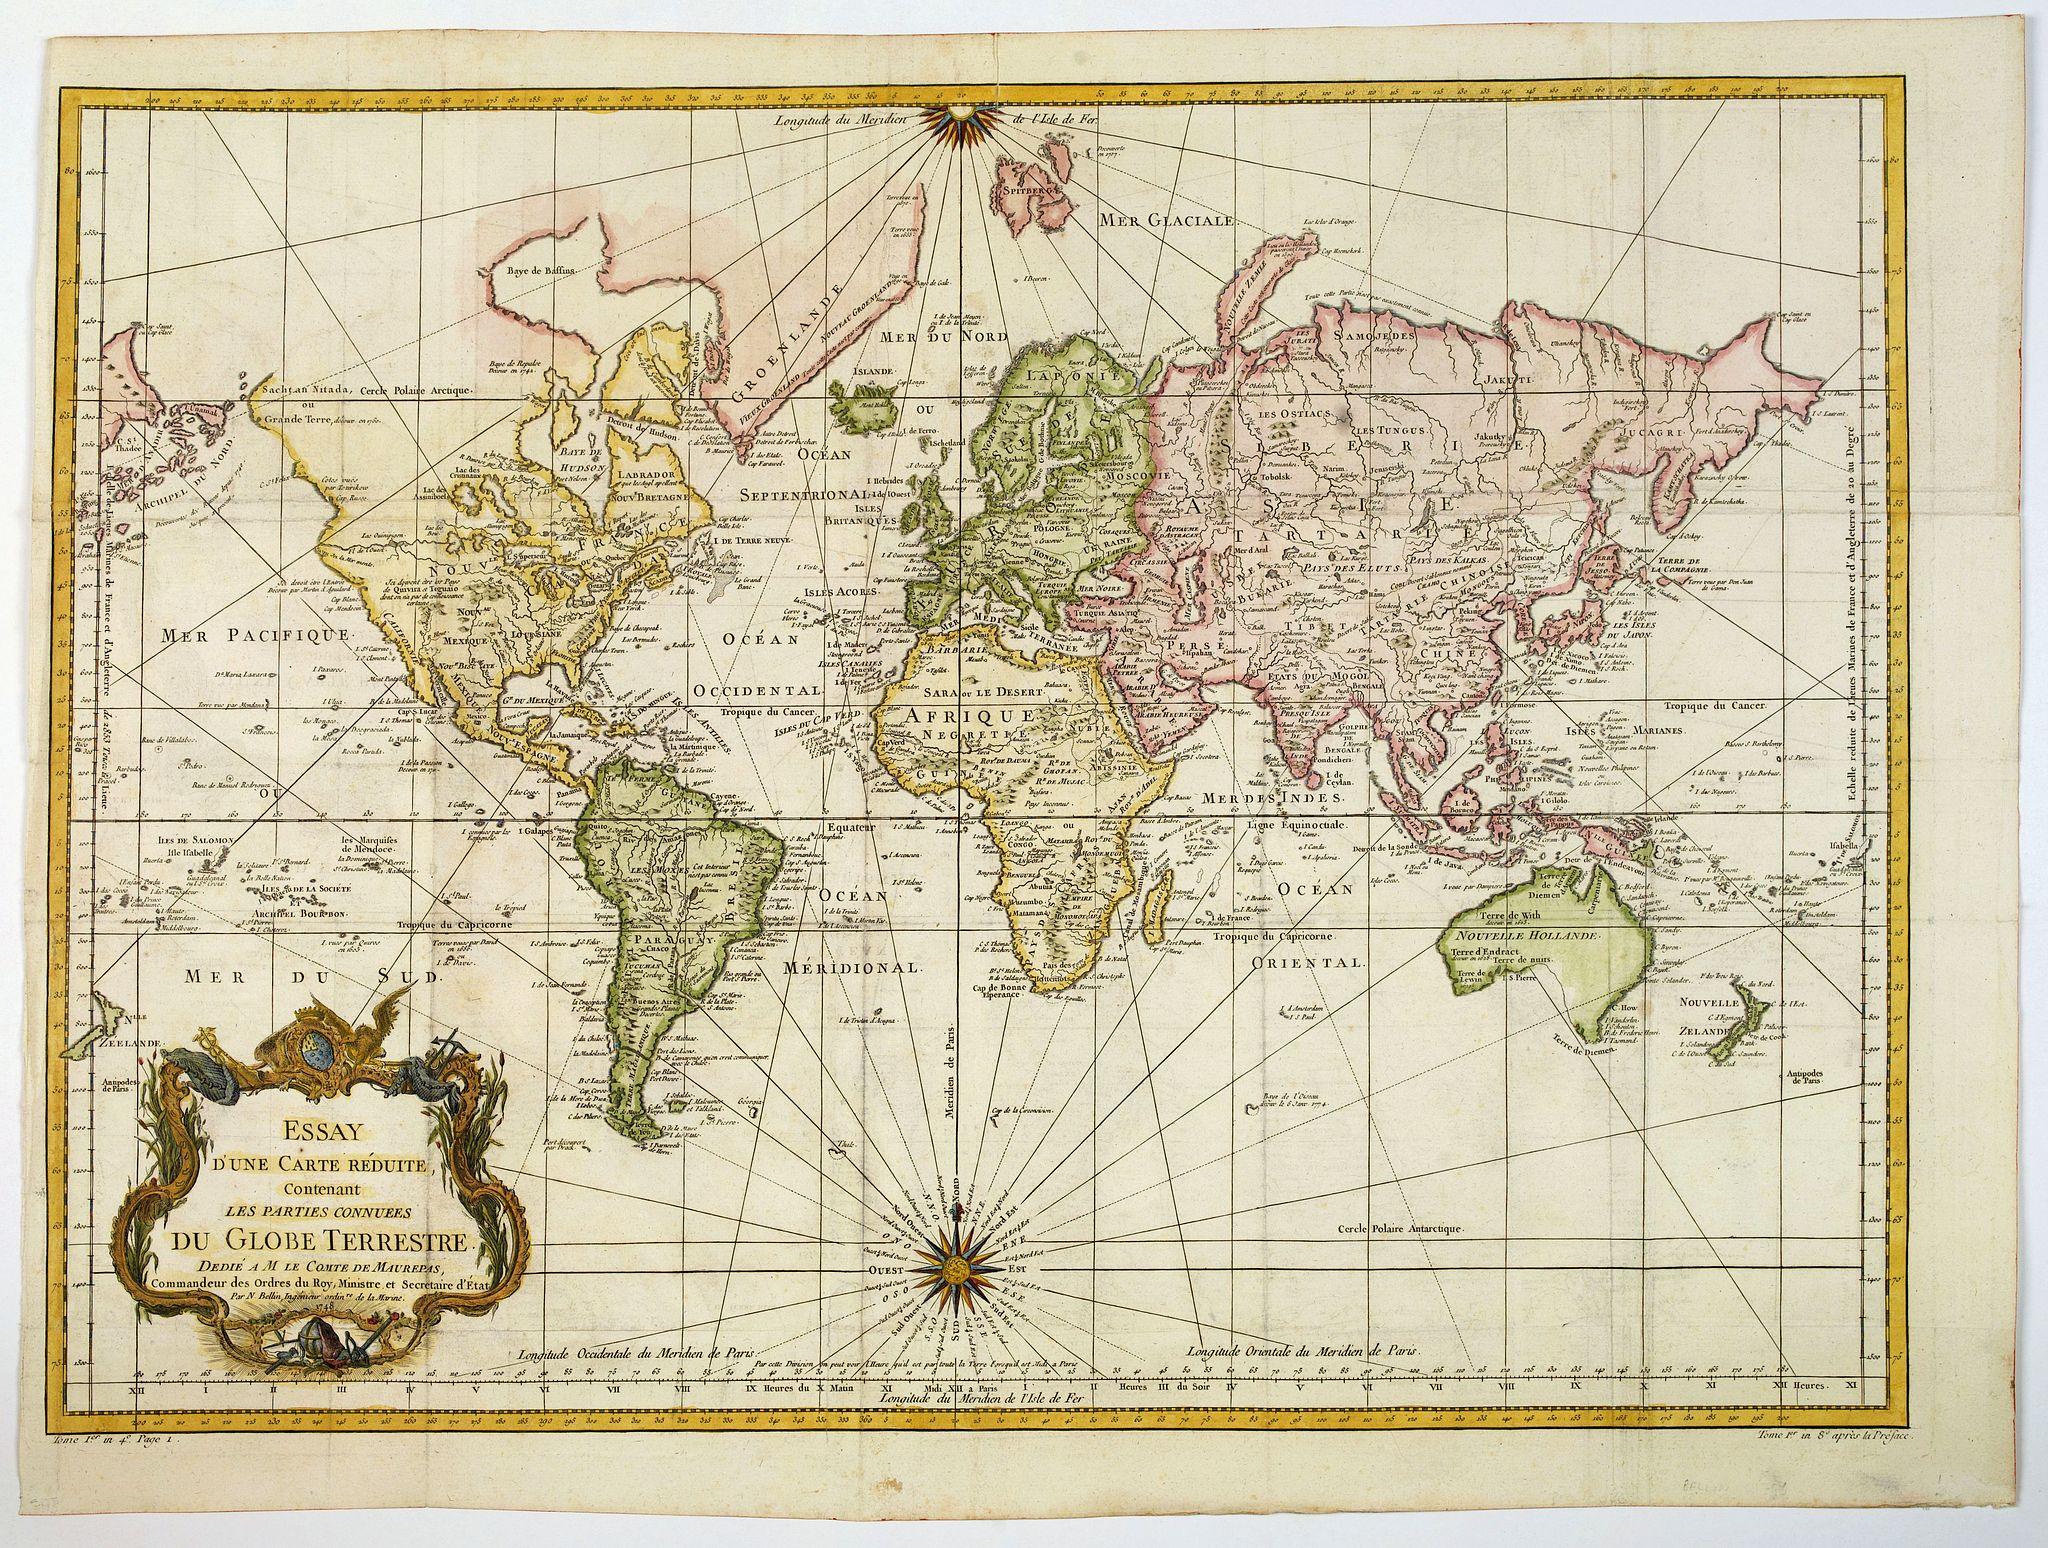 BELLIN, J.N. -  Essay d'une carte reduite contenant les parties connuees Du Globe Terrestre. . .